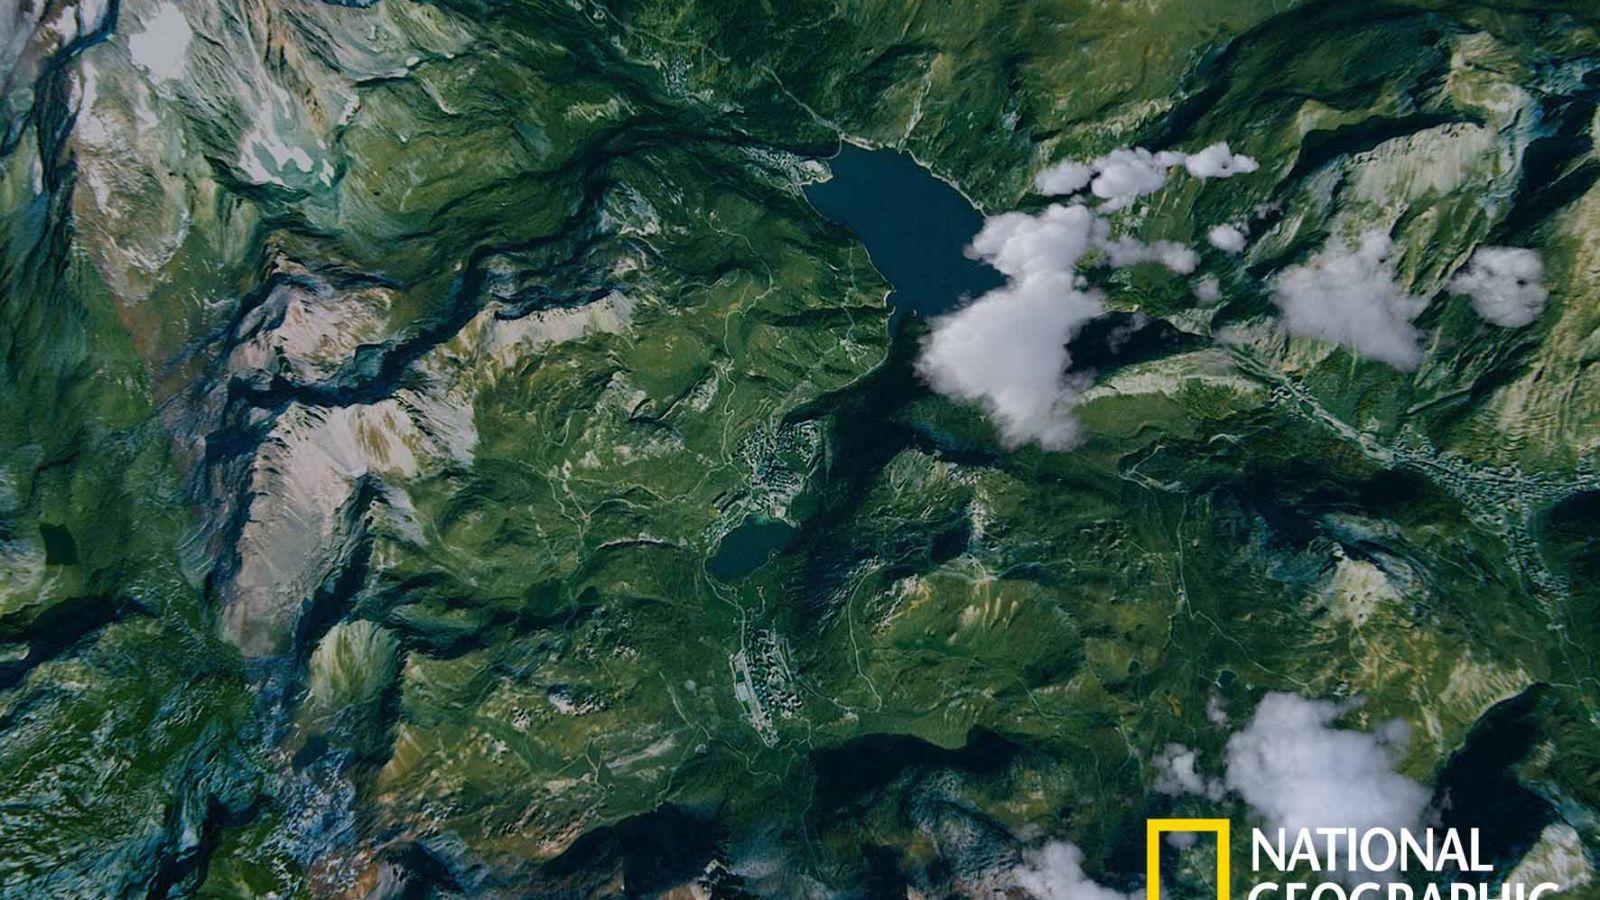 «Η Ευρώπη από ψηλά»: Η φαντασμαγορική σειρά του National Geographic επιστρέφει στους ουρανούς [vid&pics]